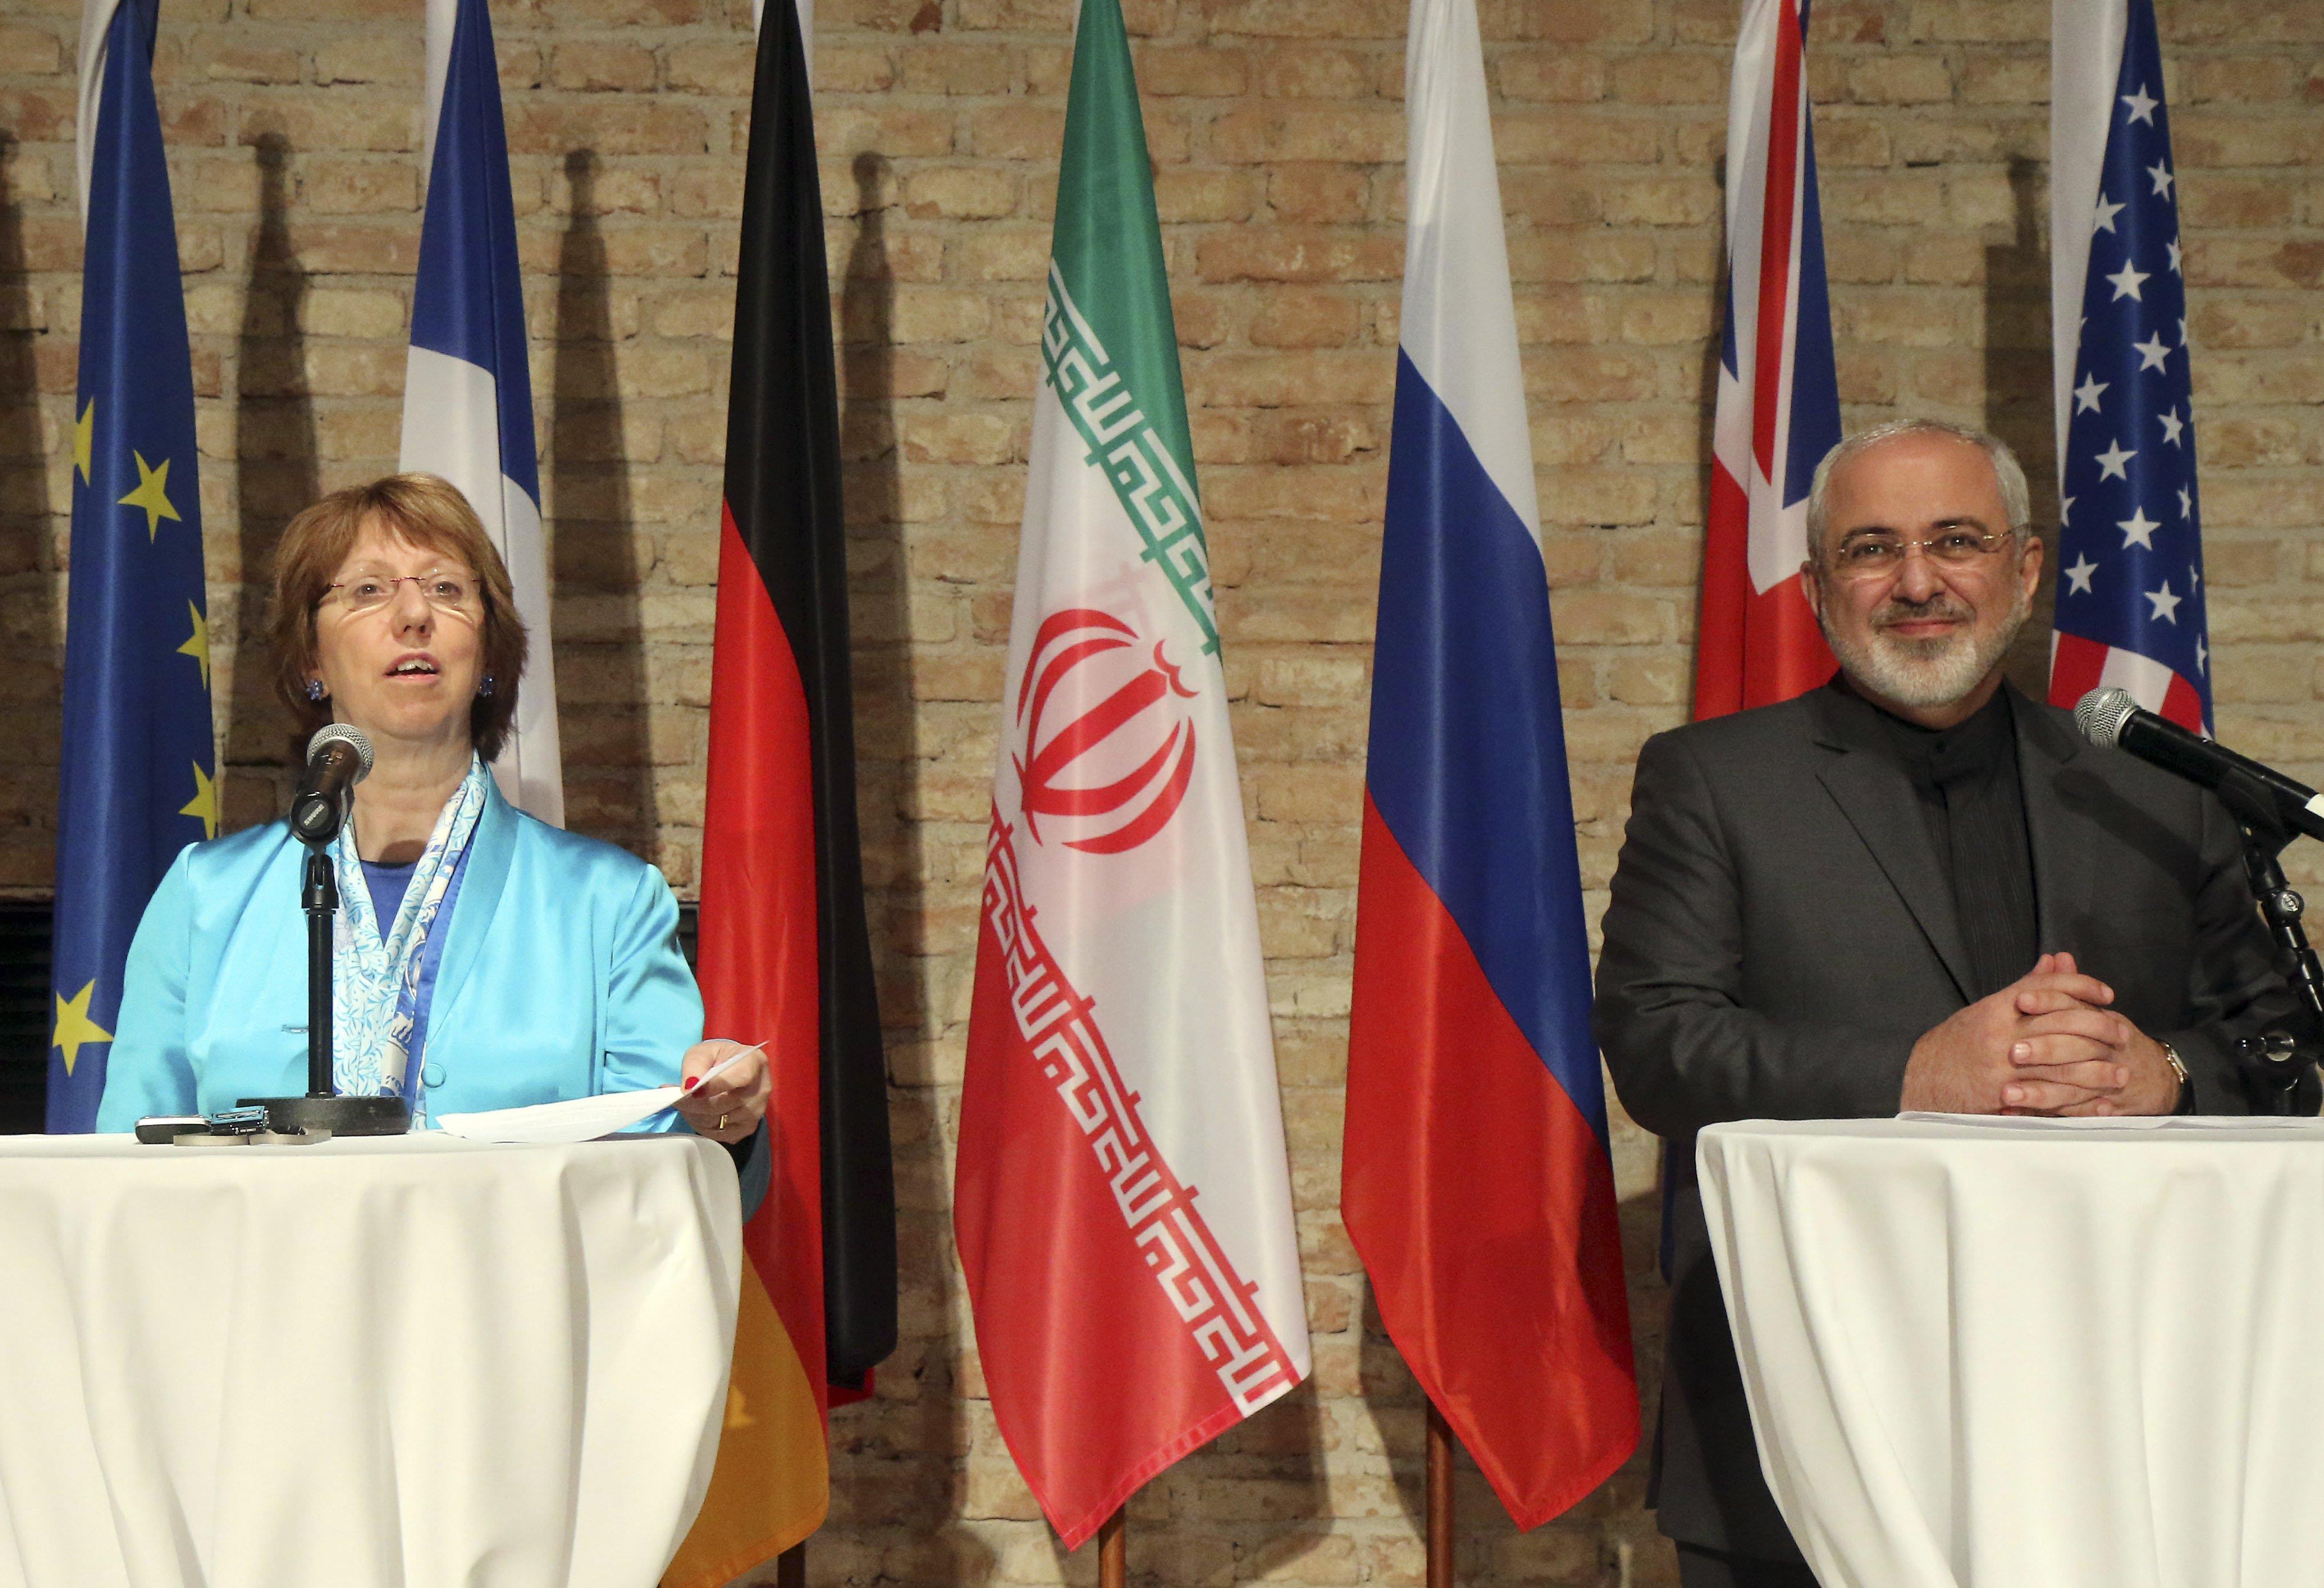 Image: Catherine Ashton, Mohammad Javad Zarif